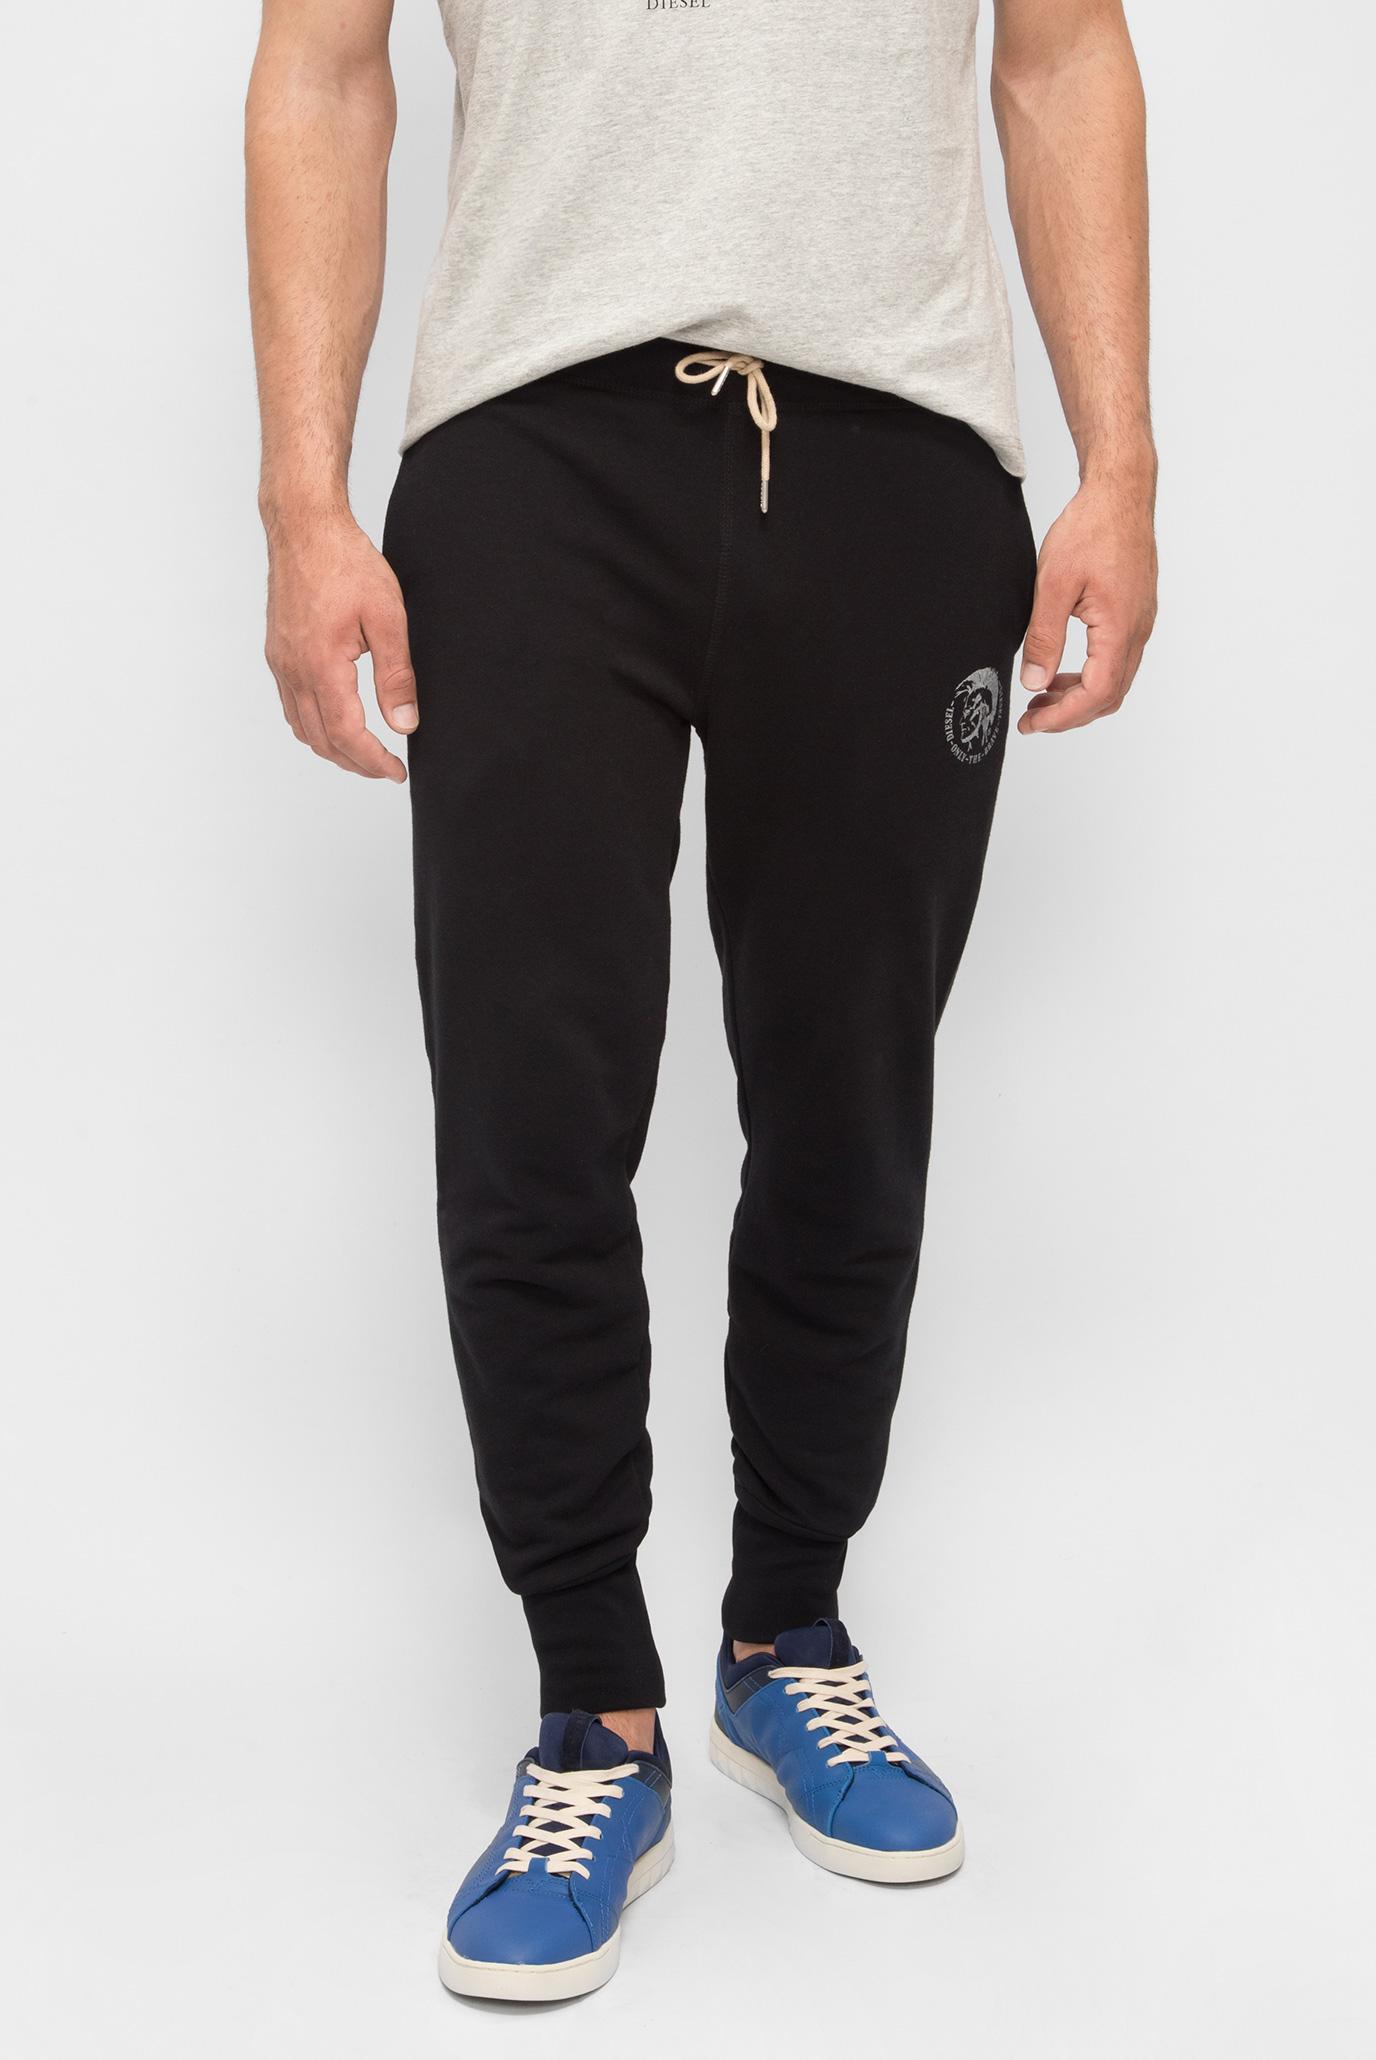 714764508c04 Купить Мужские черные спортивные брюки Diesel Diesel 00ST1N 0CAND – Киев,  Украина. Цены в интернет магазине MD Fashion